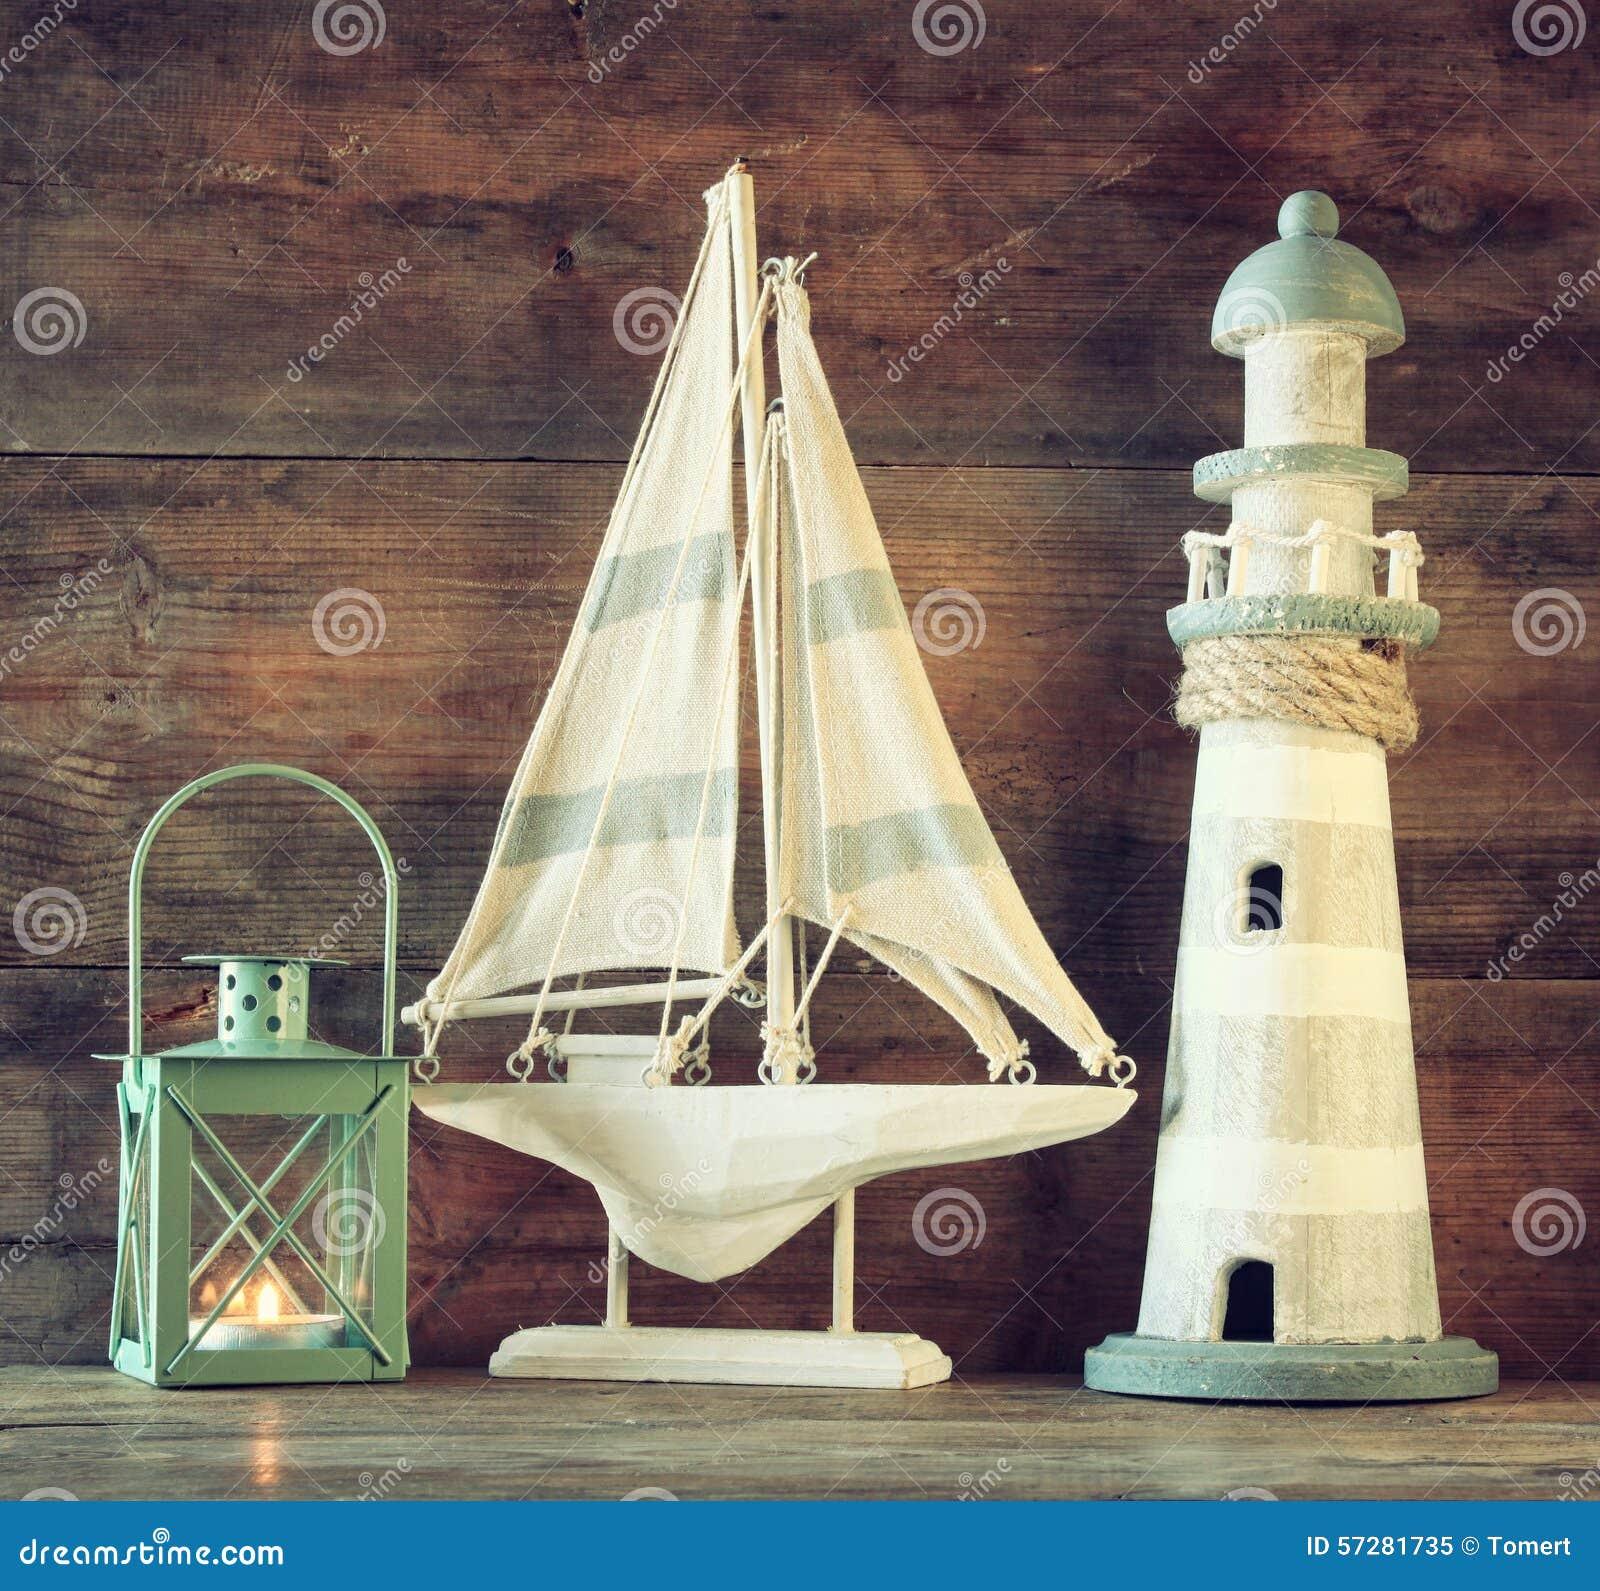 Nautiskt livsstilaftonbegrepp gammal tappningfyr, segelbåt och lykta på trätabellen tappning filtrerad bild